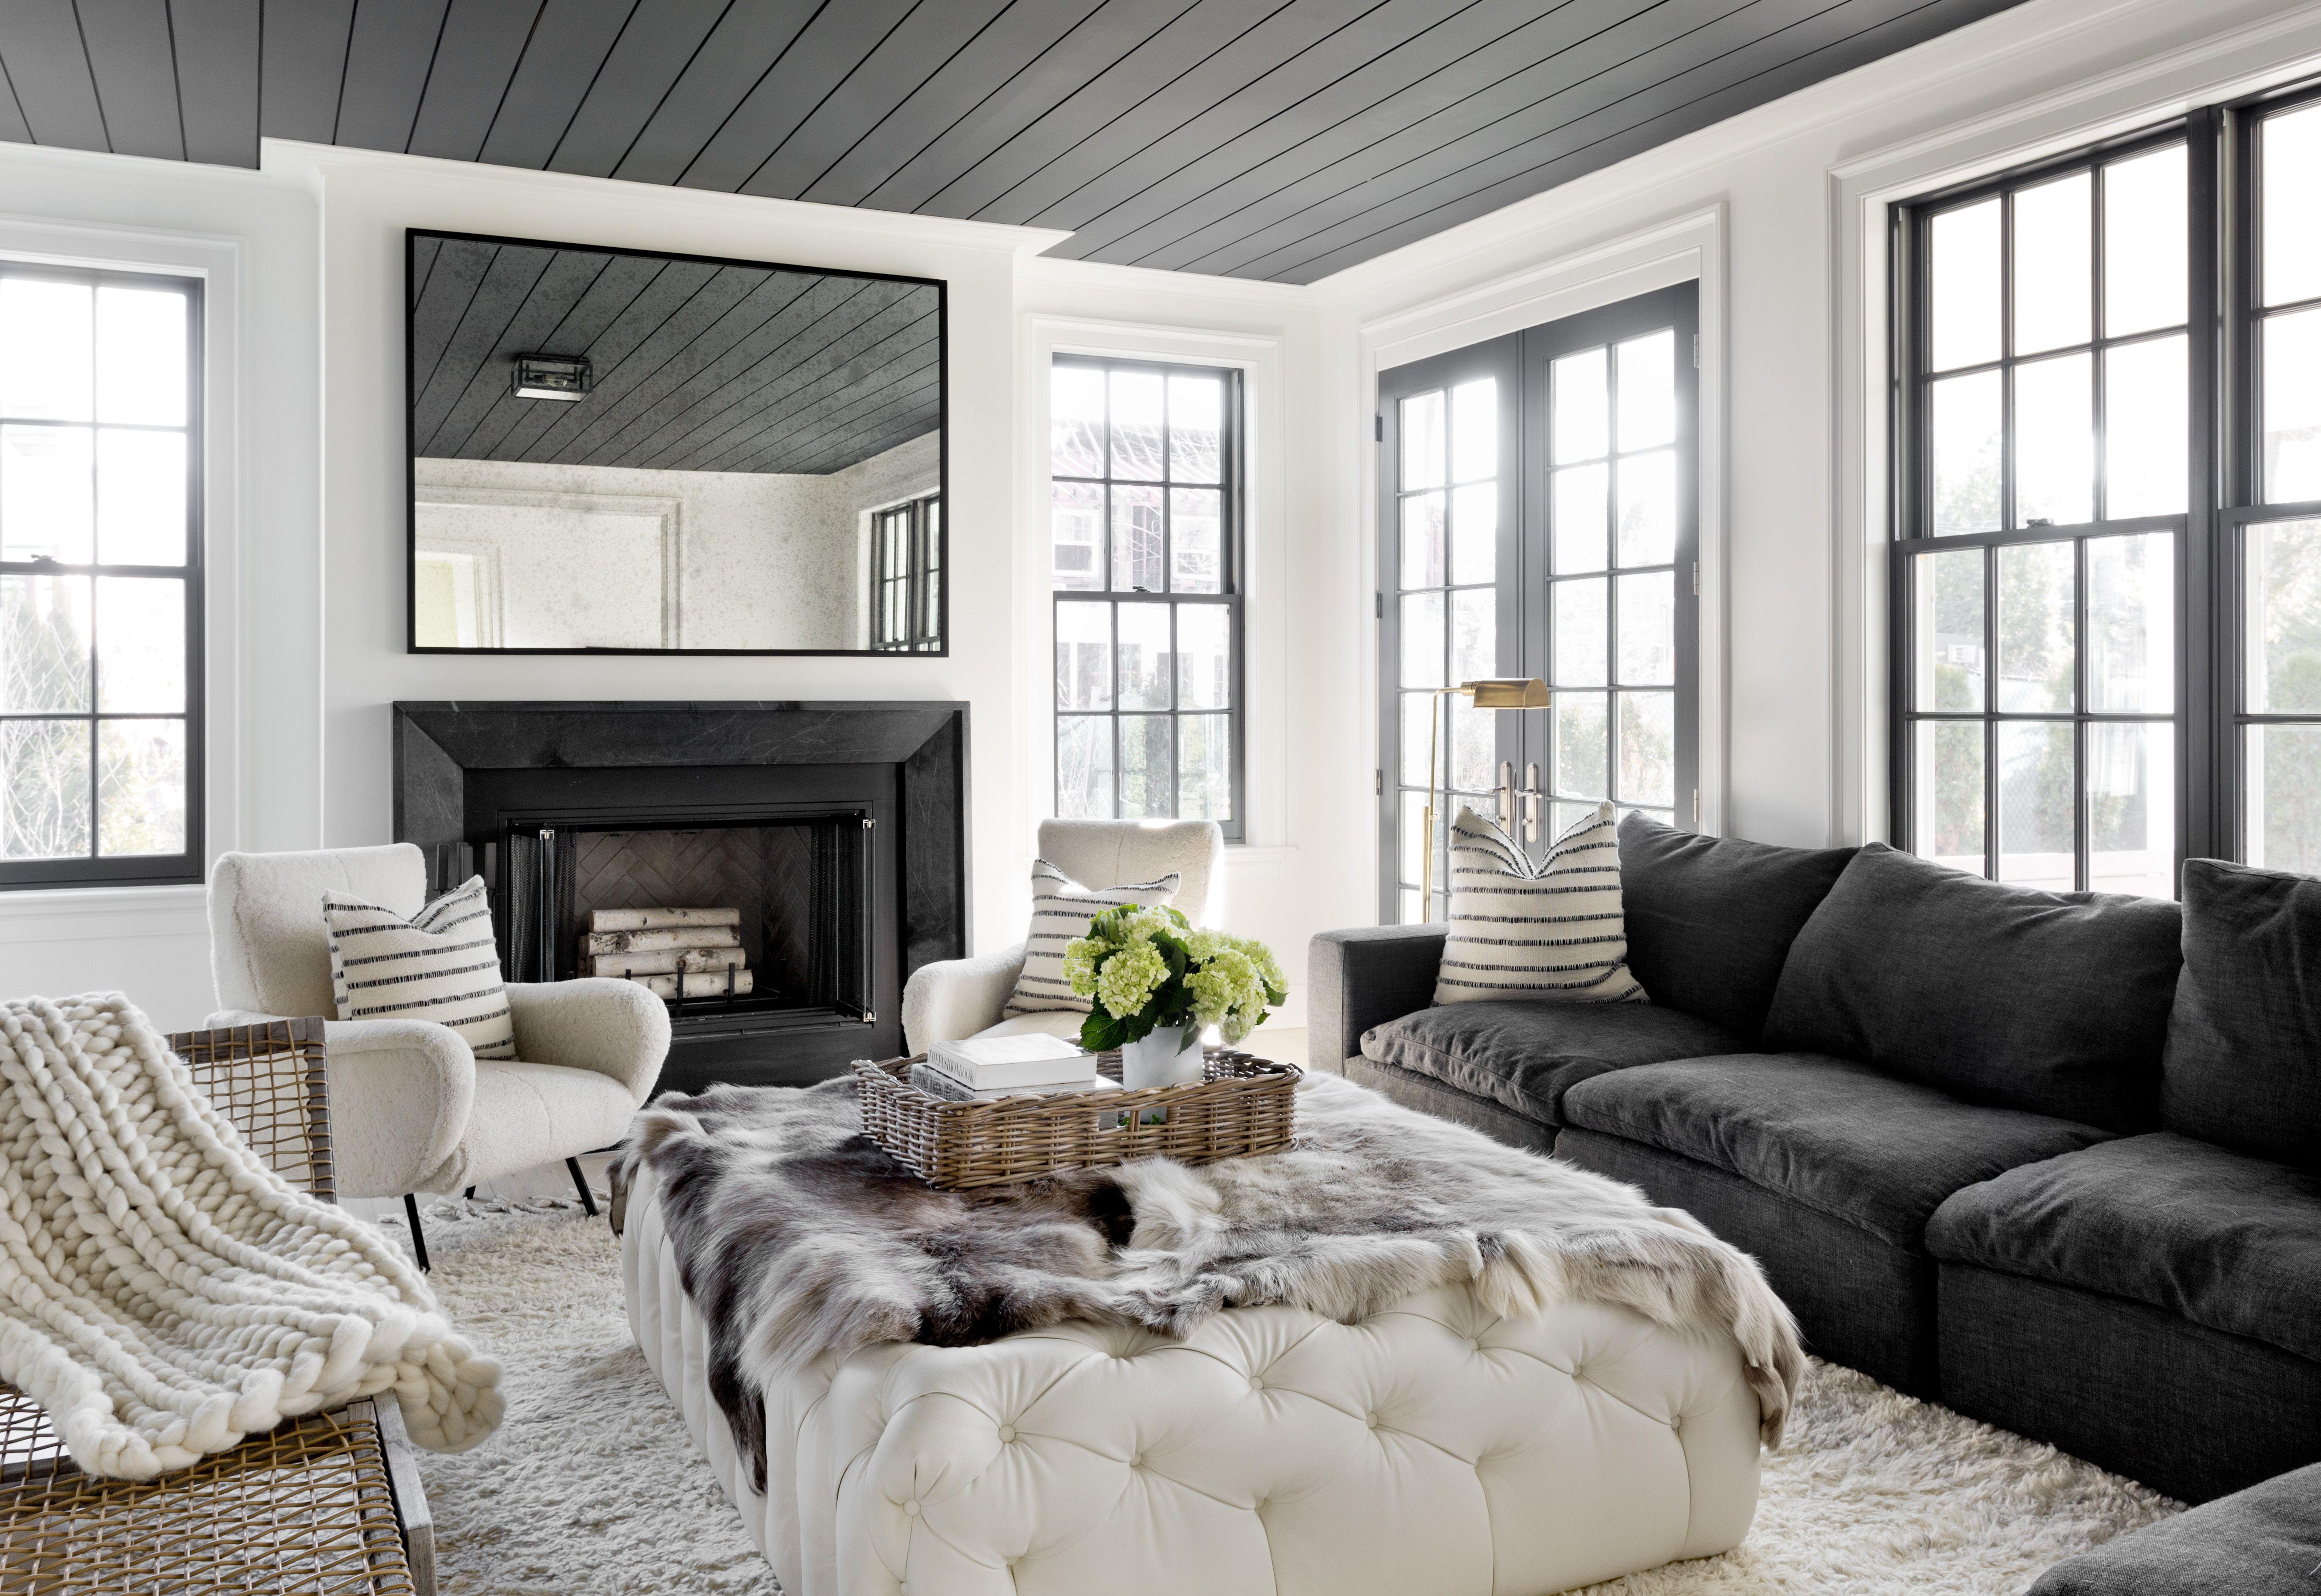 Black And White Decor KidFriendly Design